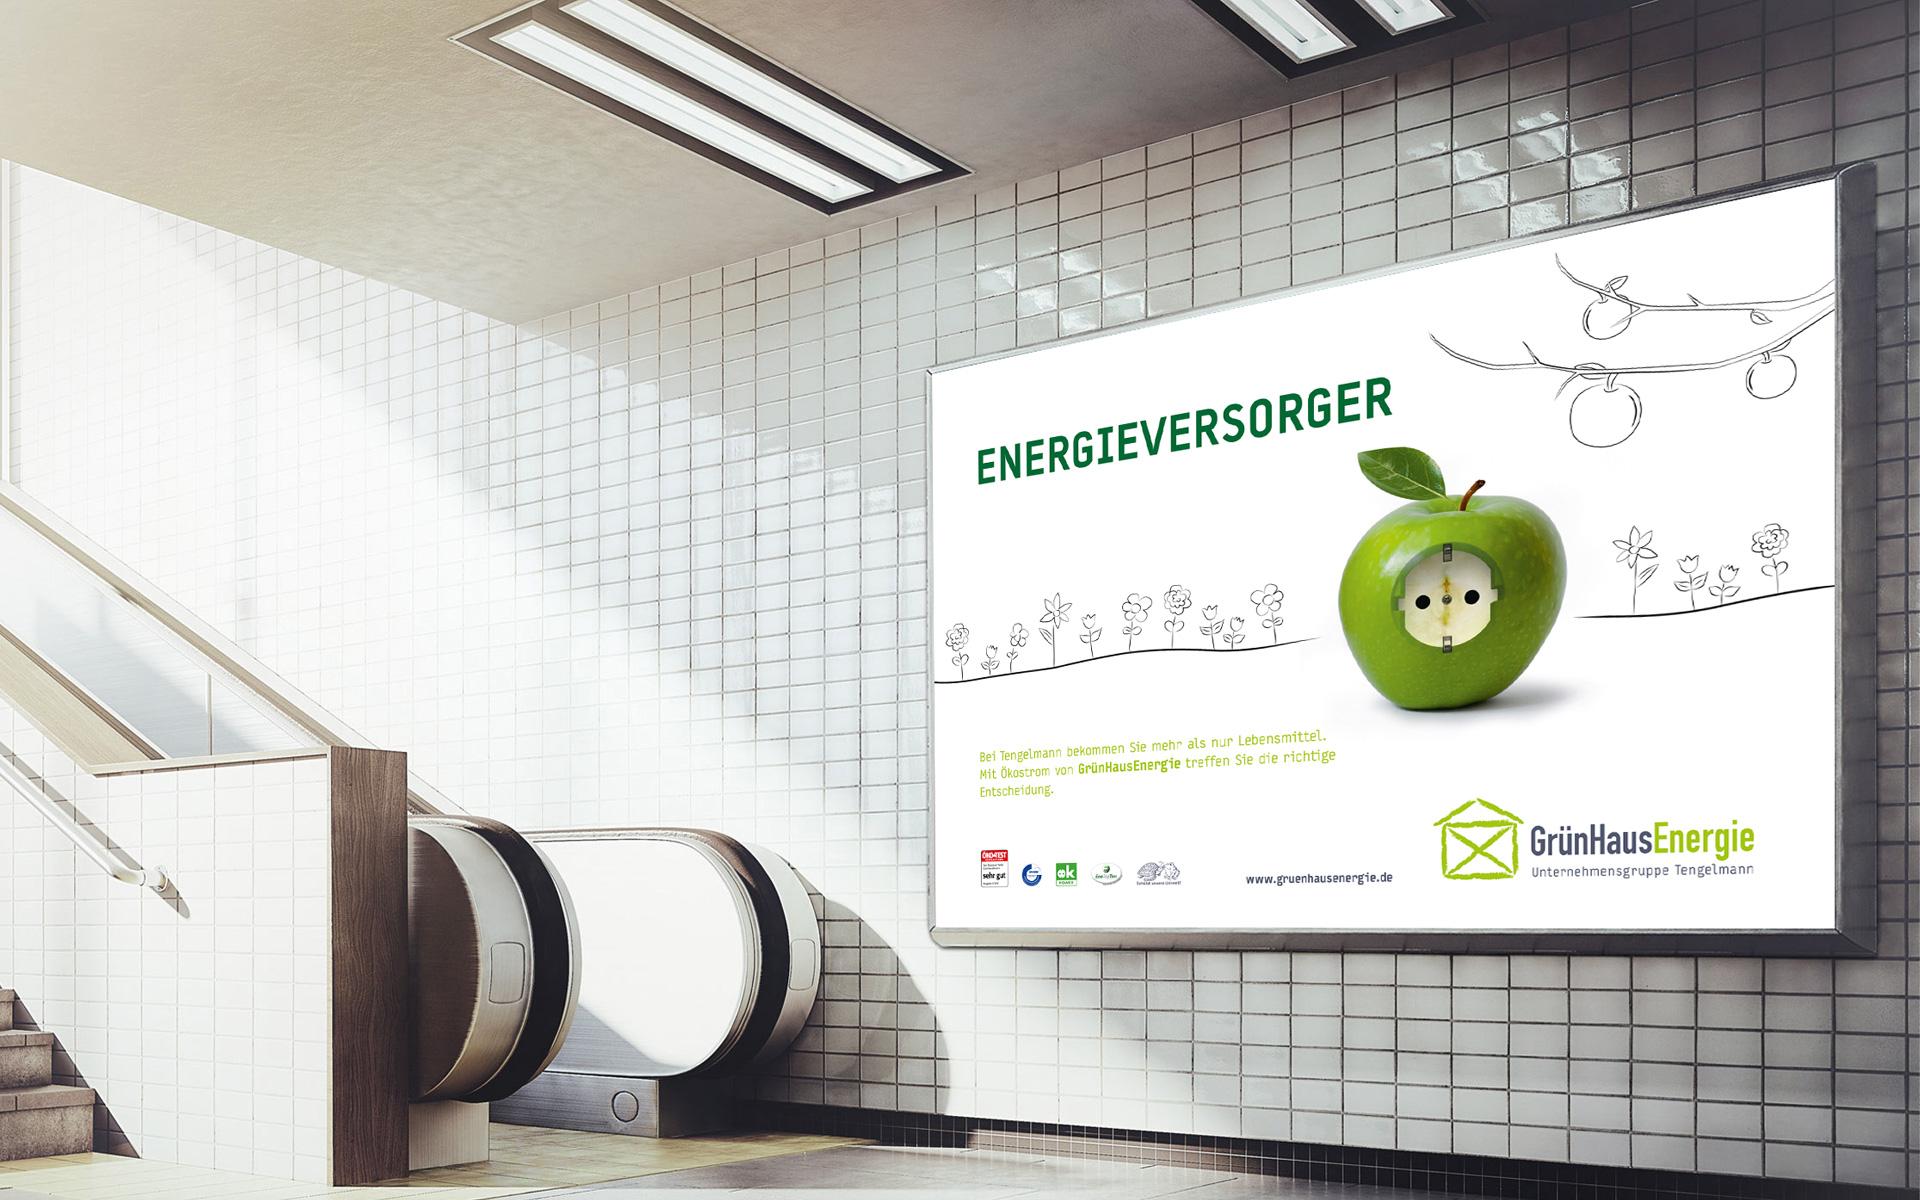 Grünhausenergie GmbH